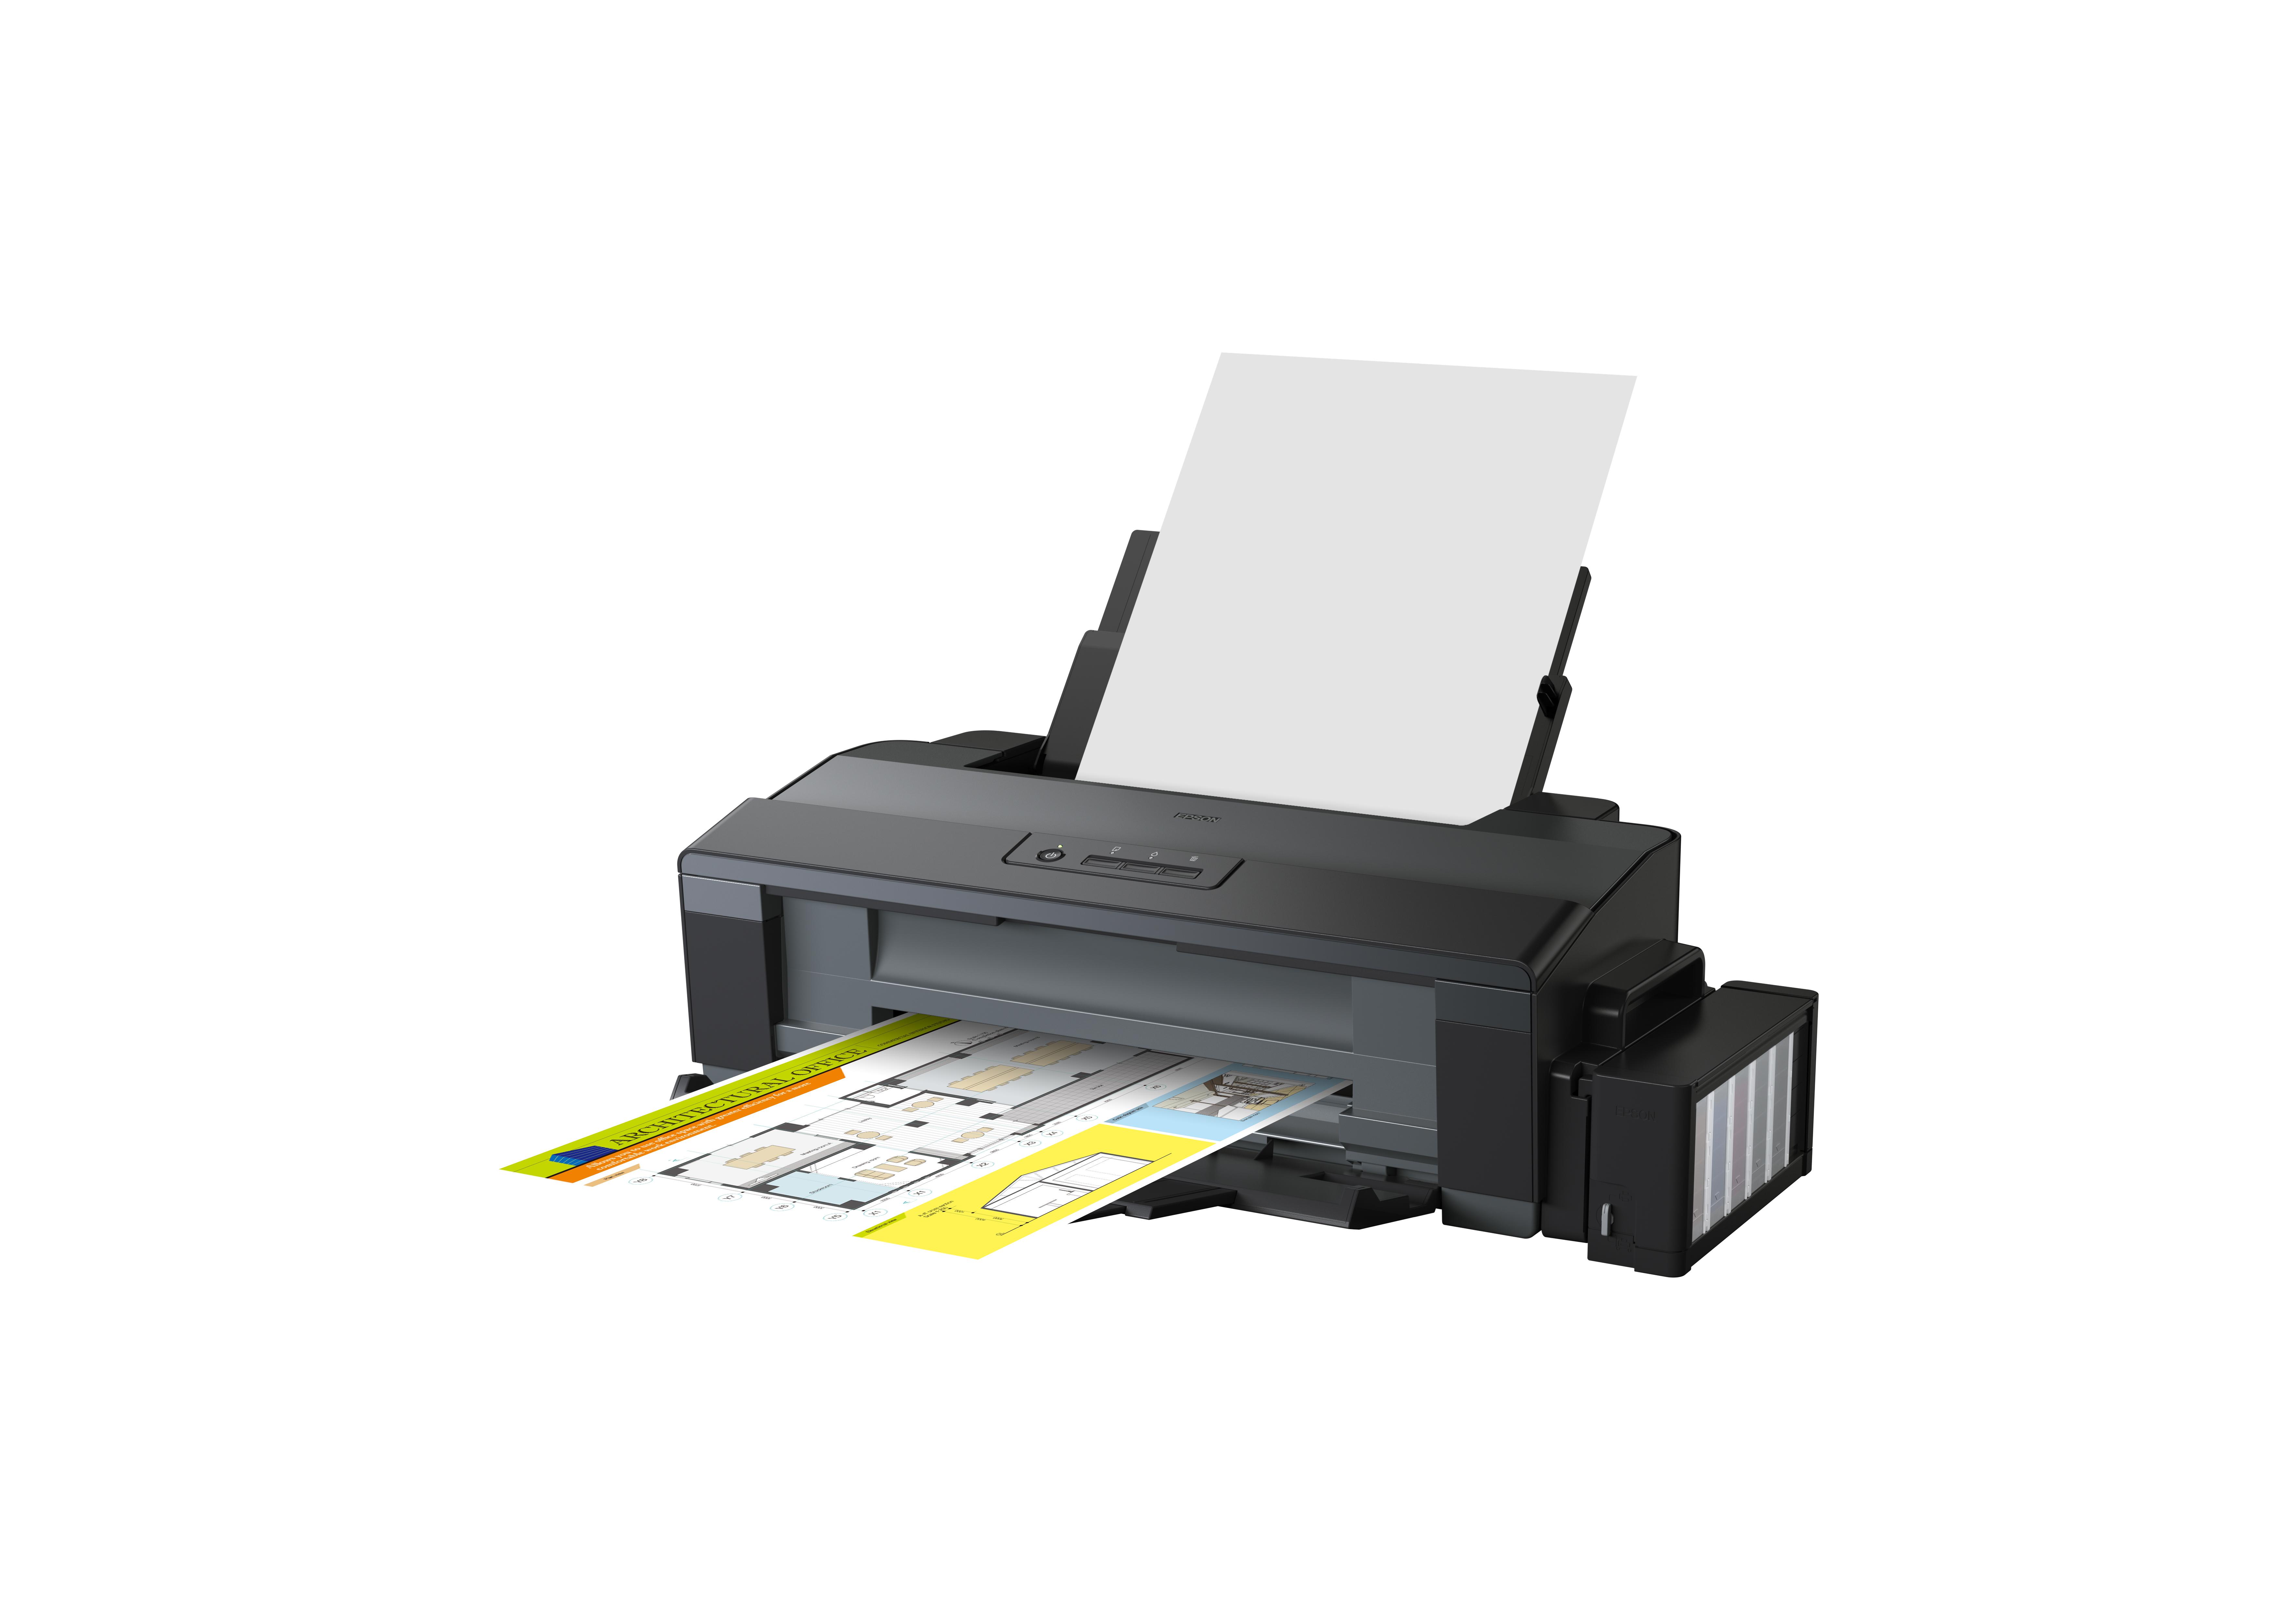 dfcb52ba987 Product data-sheet Epson EcoTank ET-14000 tindiprinter Värv 5760 x ...